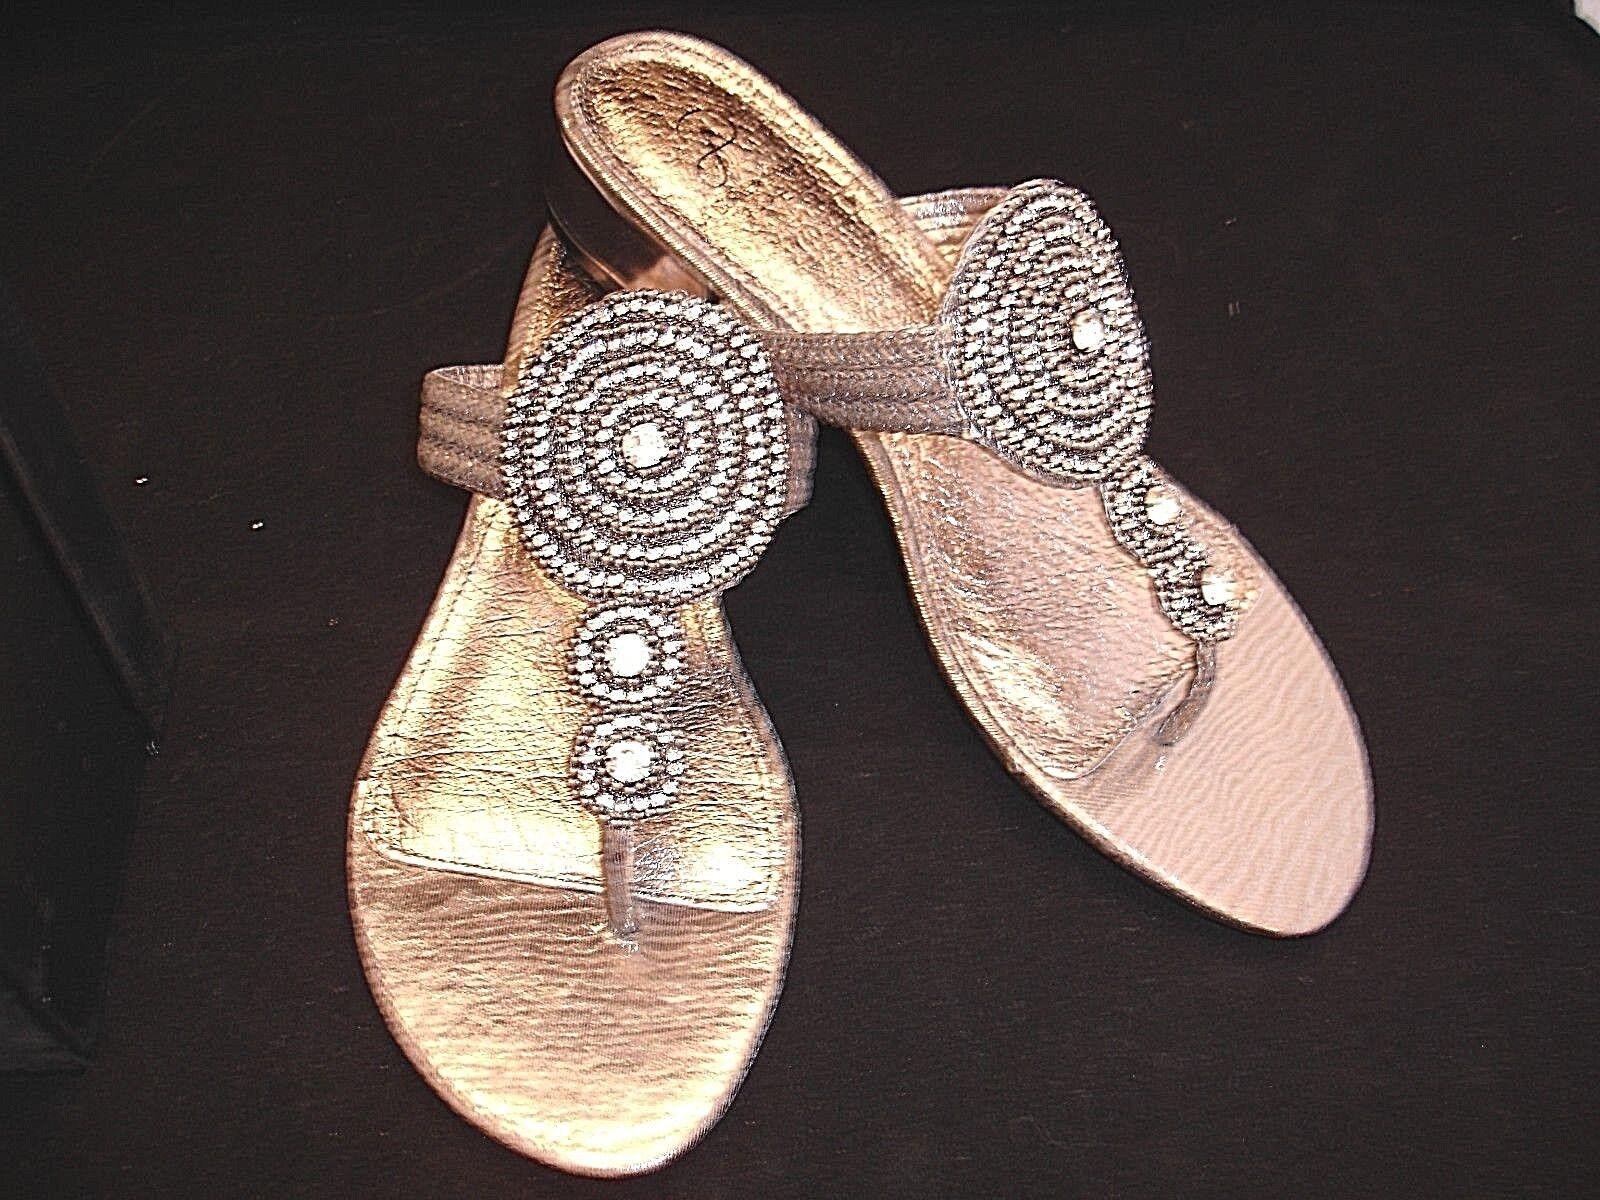 ADRIANNA PAPELL  DASHING  Gunmetal Thong Rhinestones Sandals Womens Sz 8.5 NIB